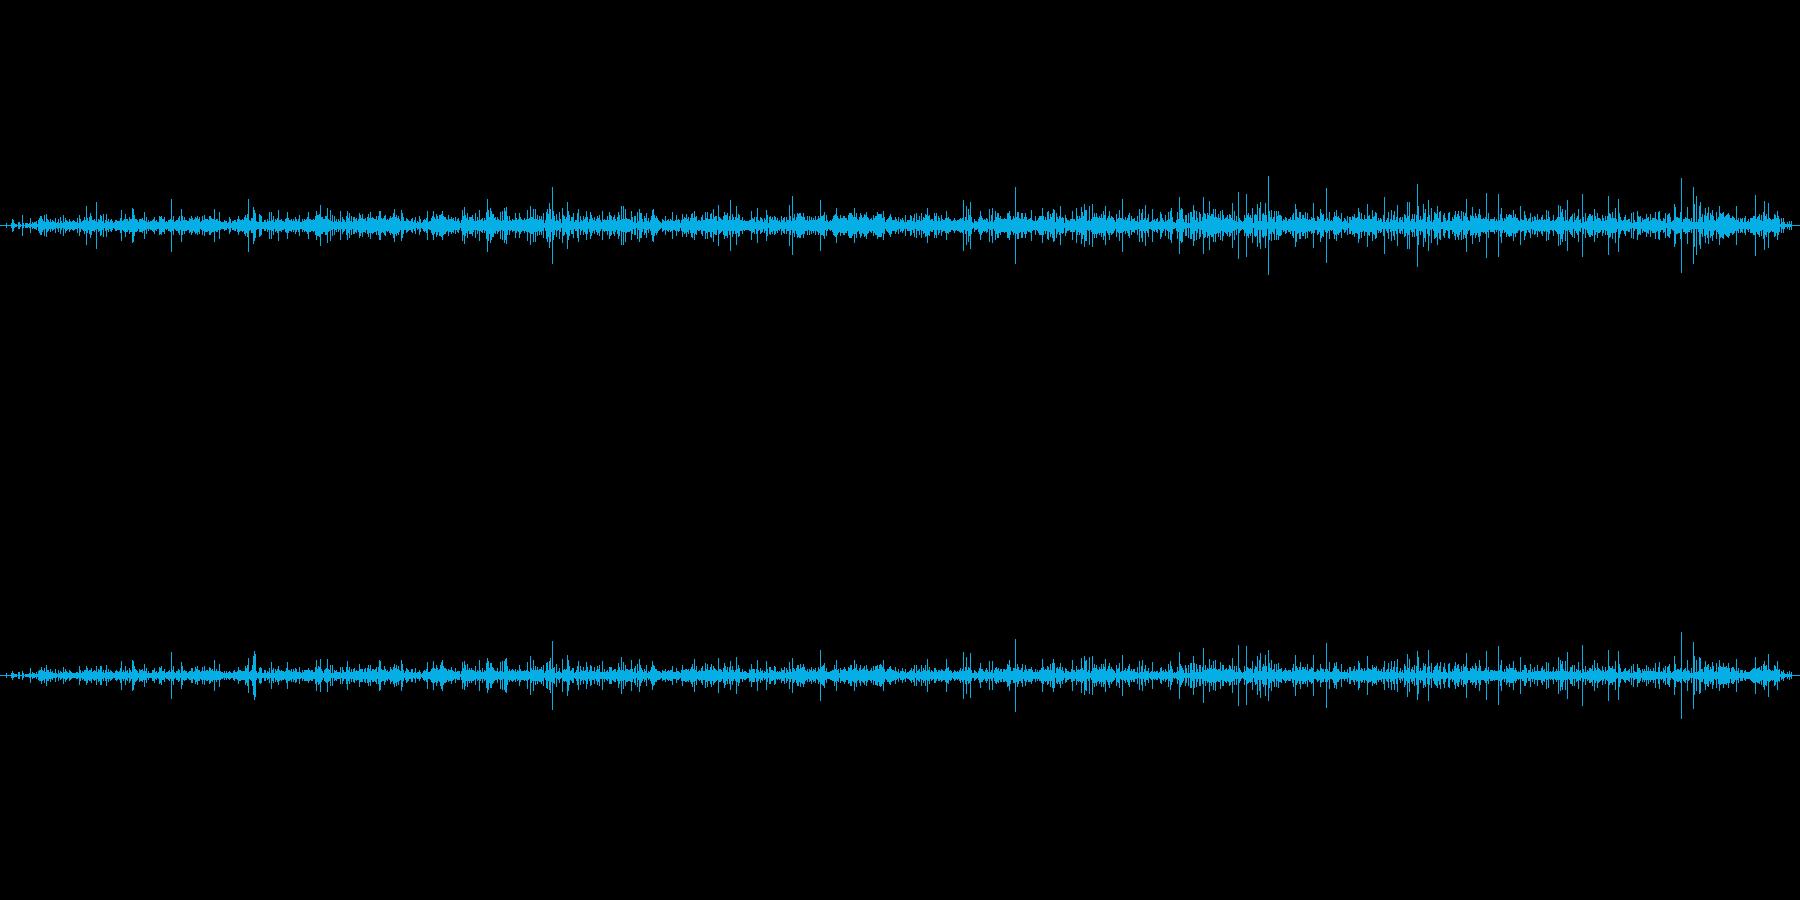 蛇口の中の音の再生済みの波形